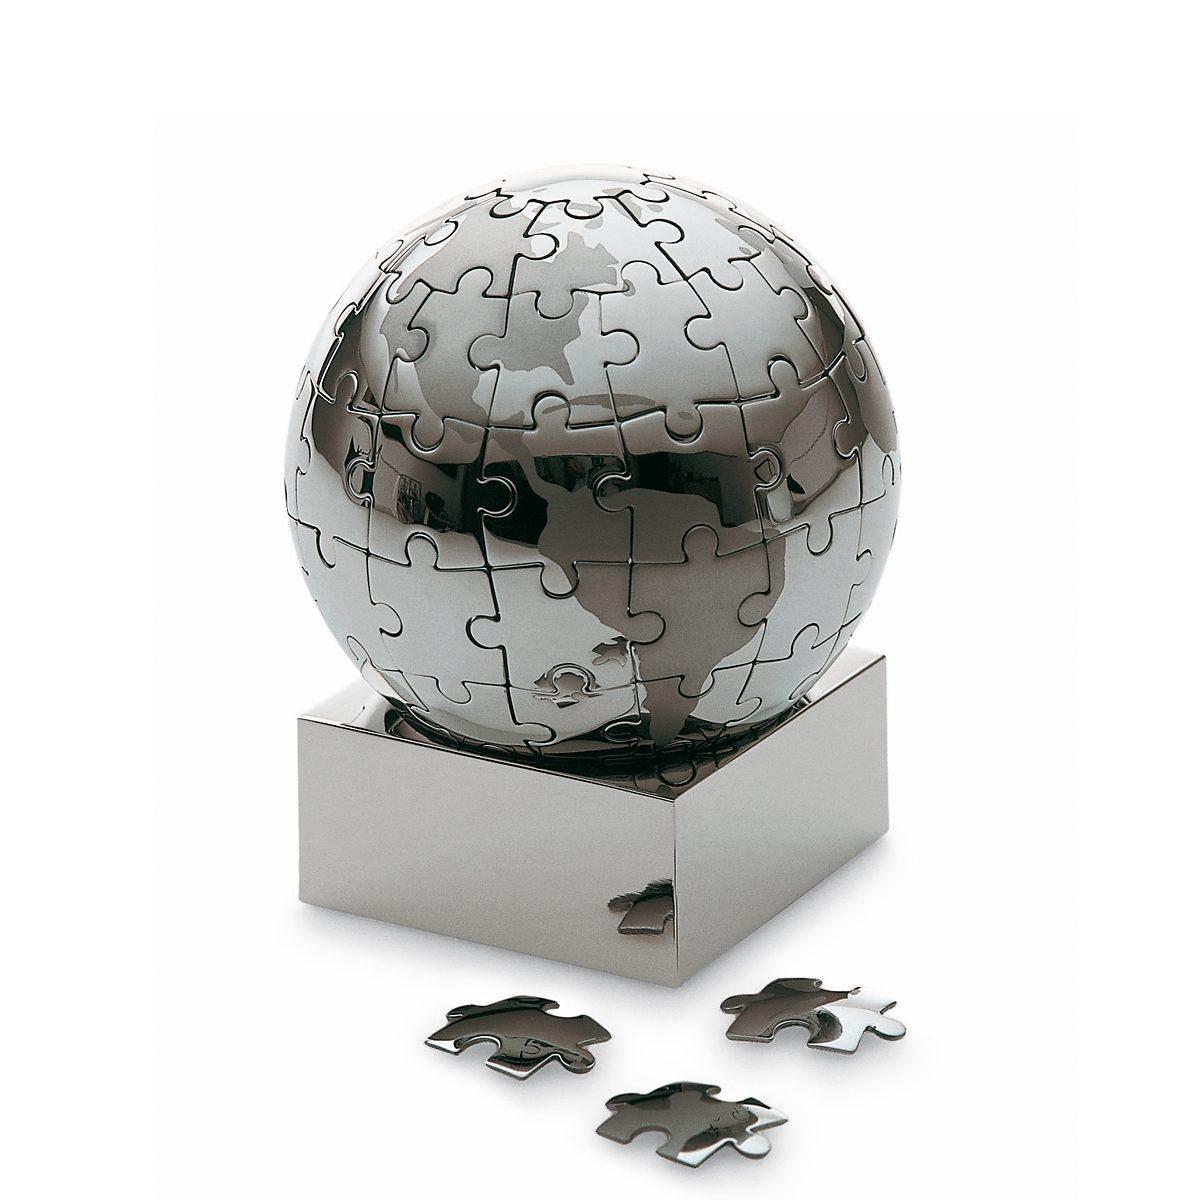 Philippi Philippi Puzzle Globus EXTRAVAGANZA 7.5 cm